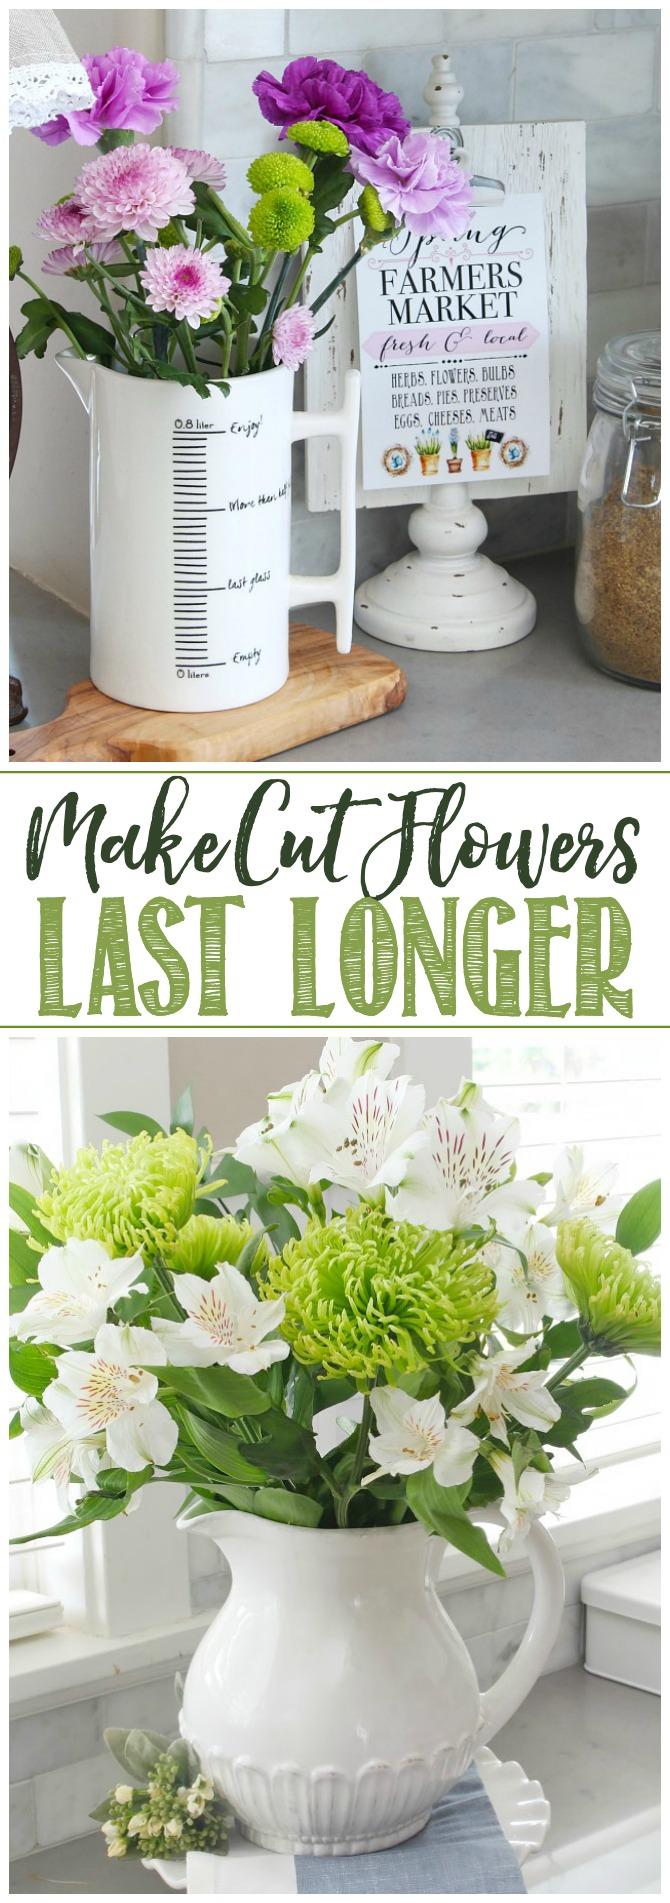 Make Cut Flowers Last Longer. Pretty flower bouquets.